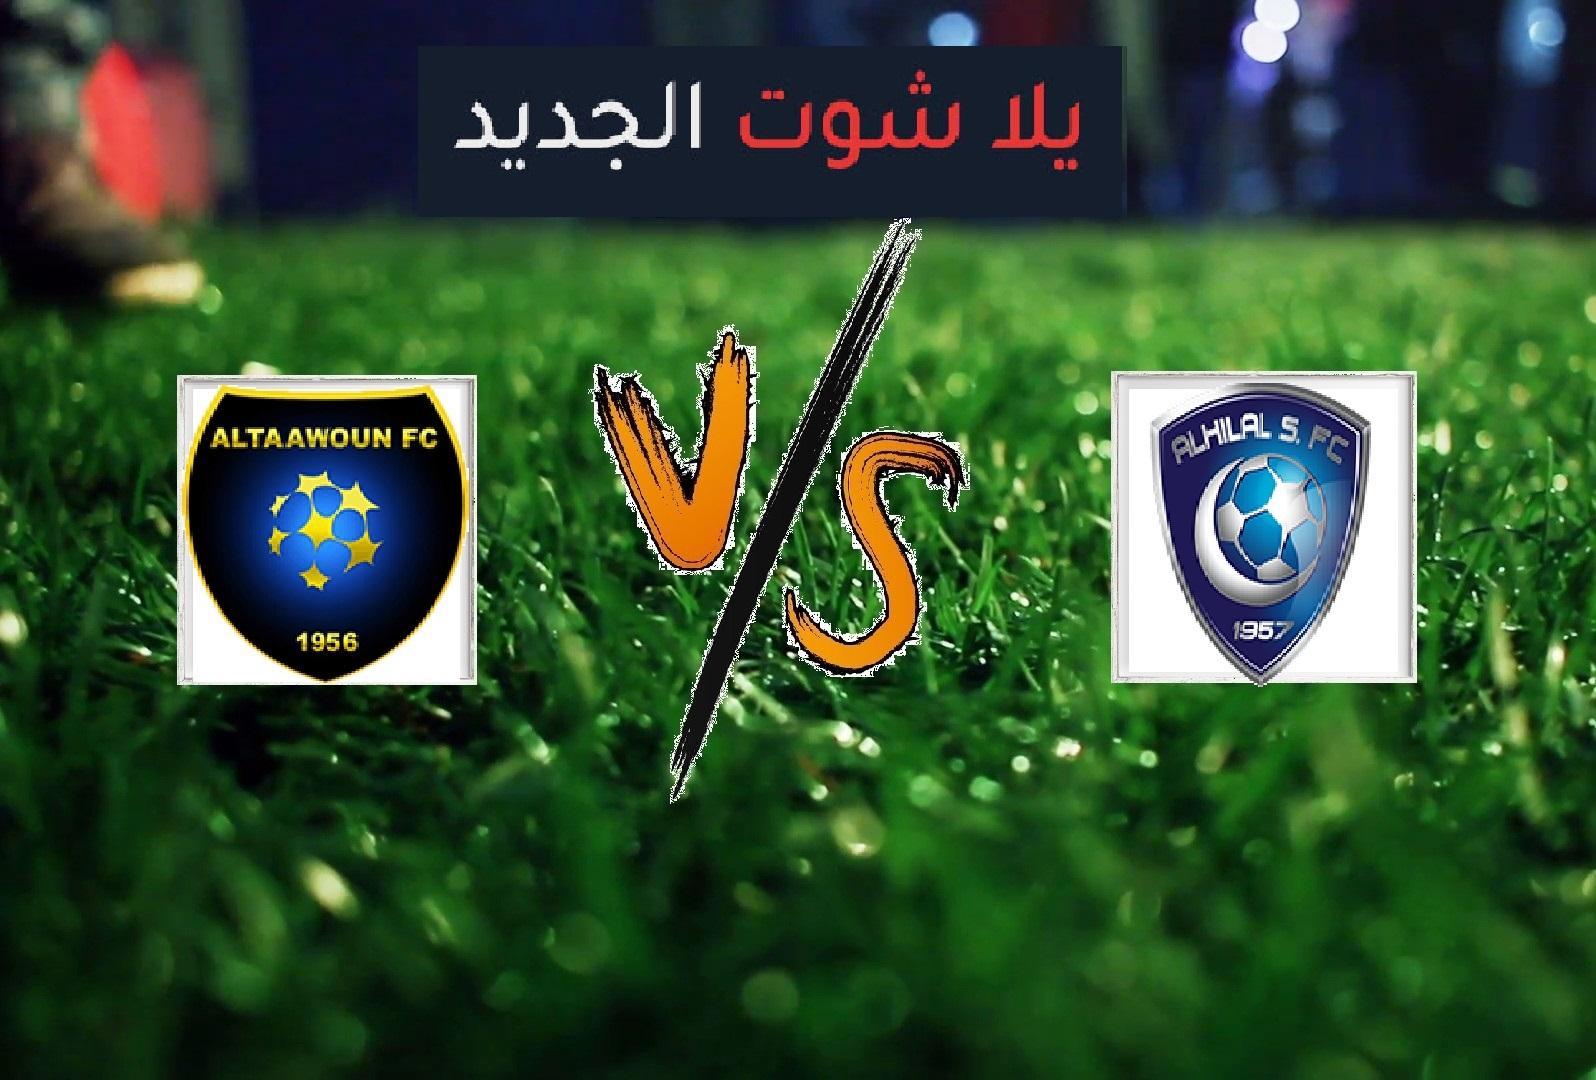 التعاون يفوز على الهلال بهدفين دون رد في الجولة الـ28 من بطولة الدوري السعودي